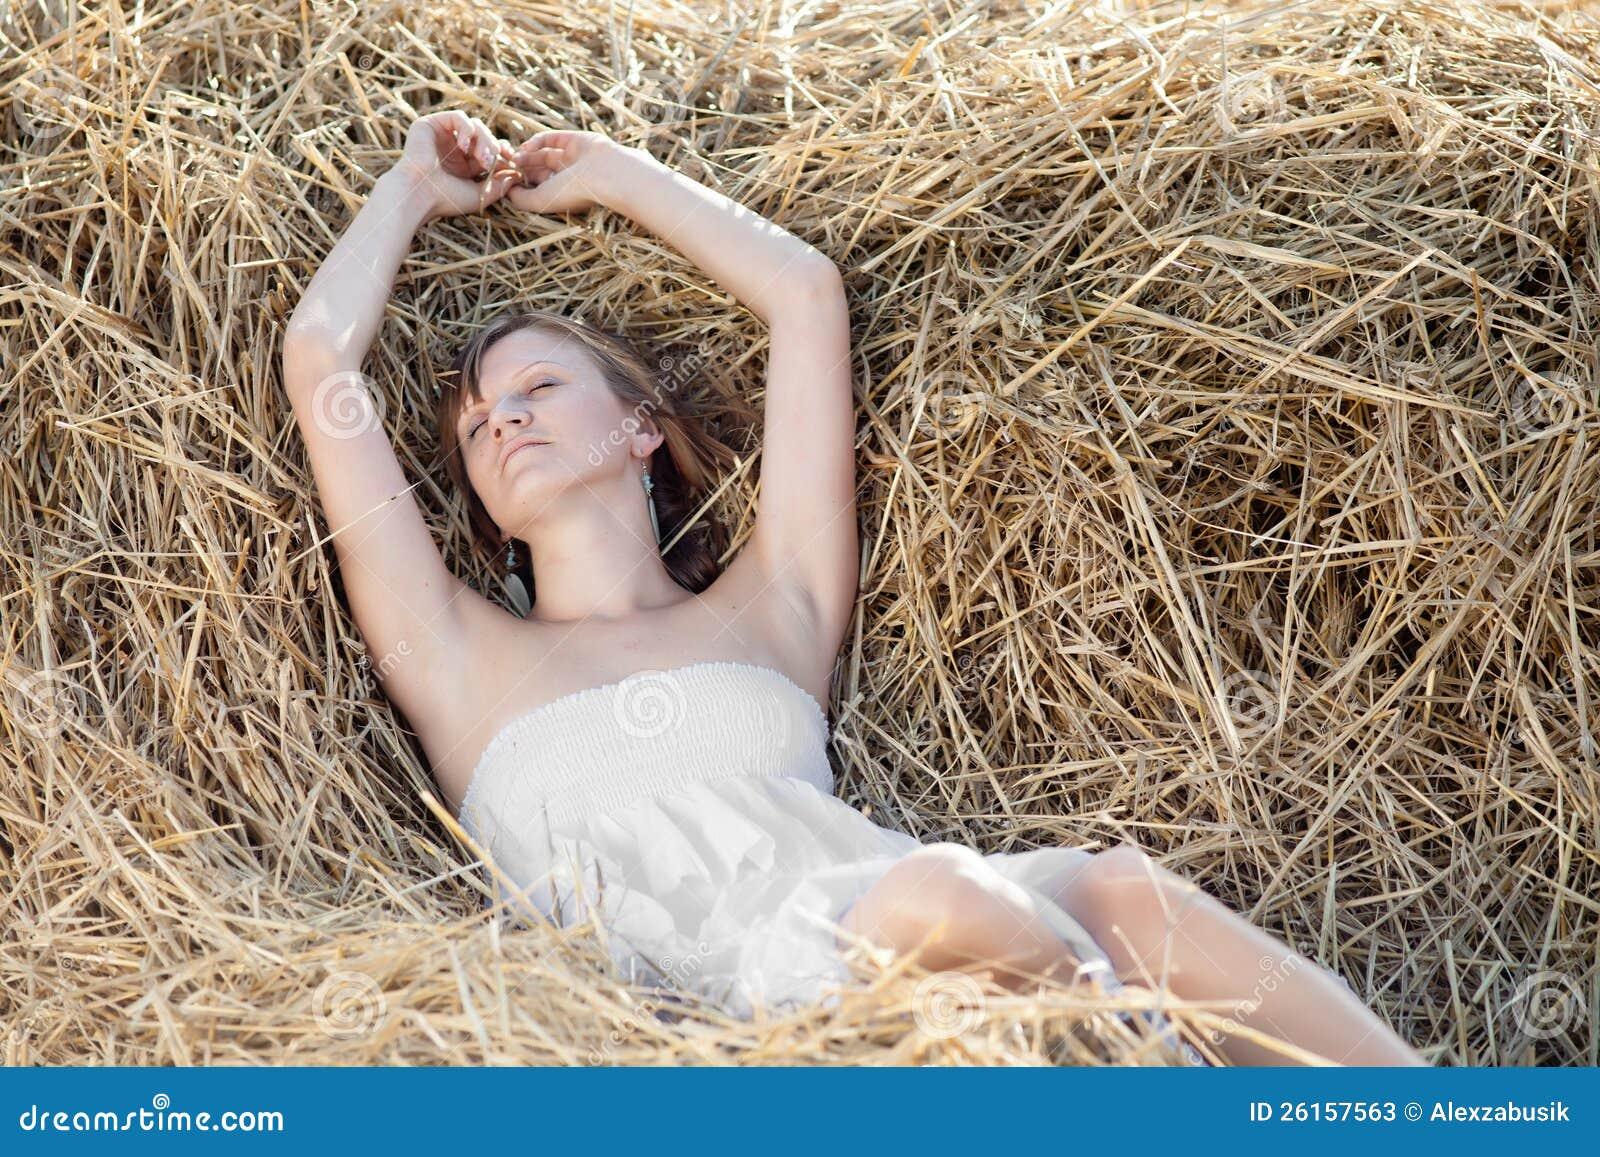 Парень с девушкой на сеновале — photo 1